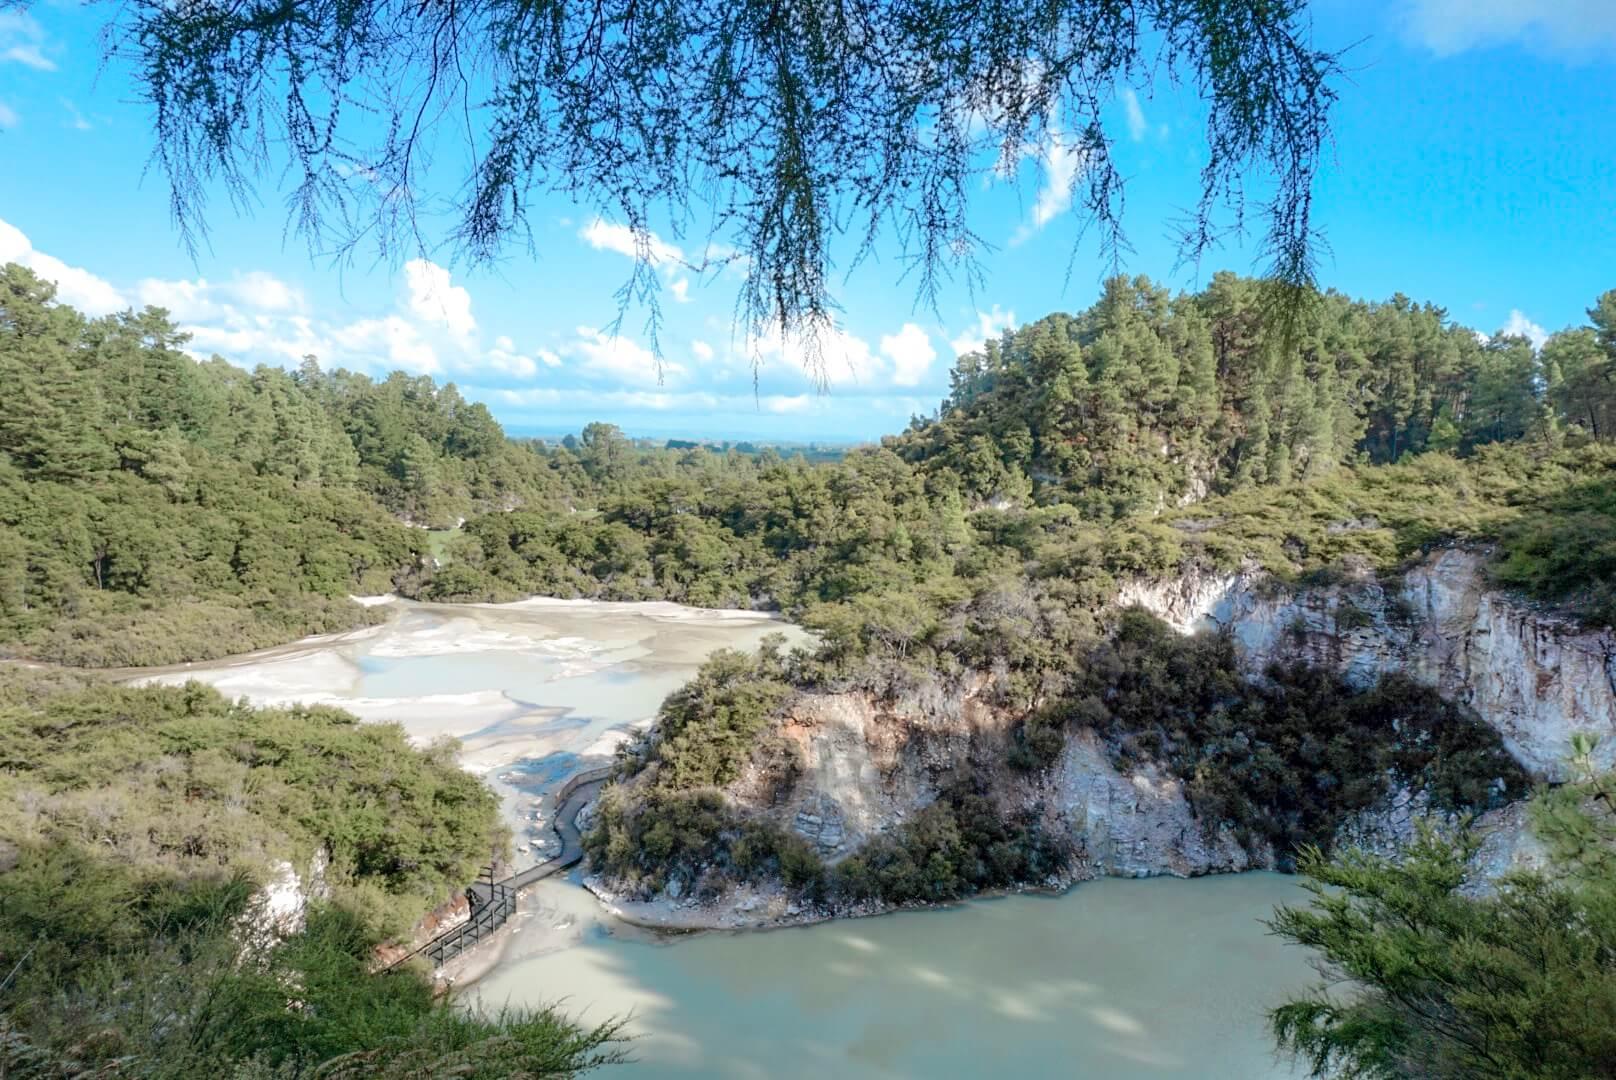 Visiter le parc géothermique Wai-O-Tapu